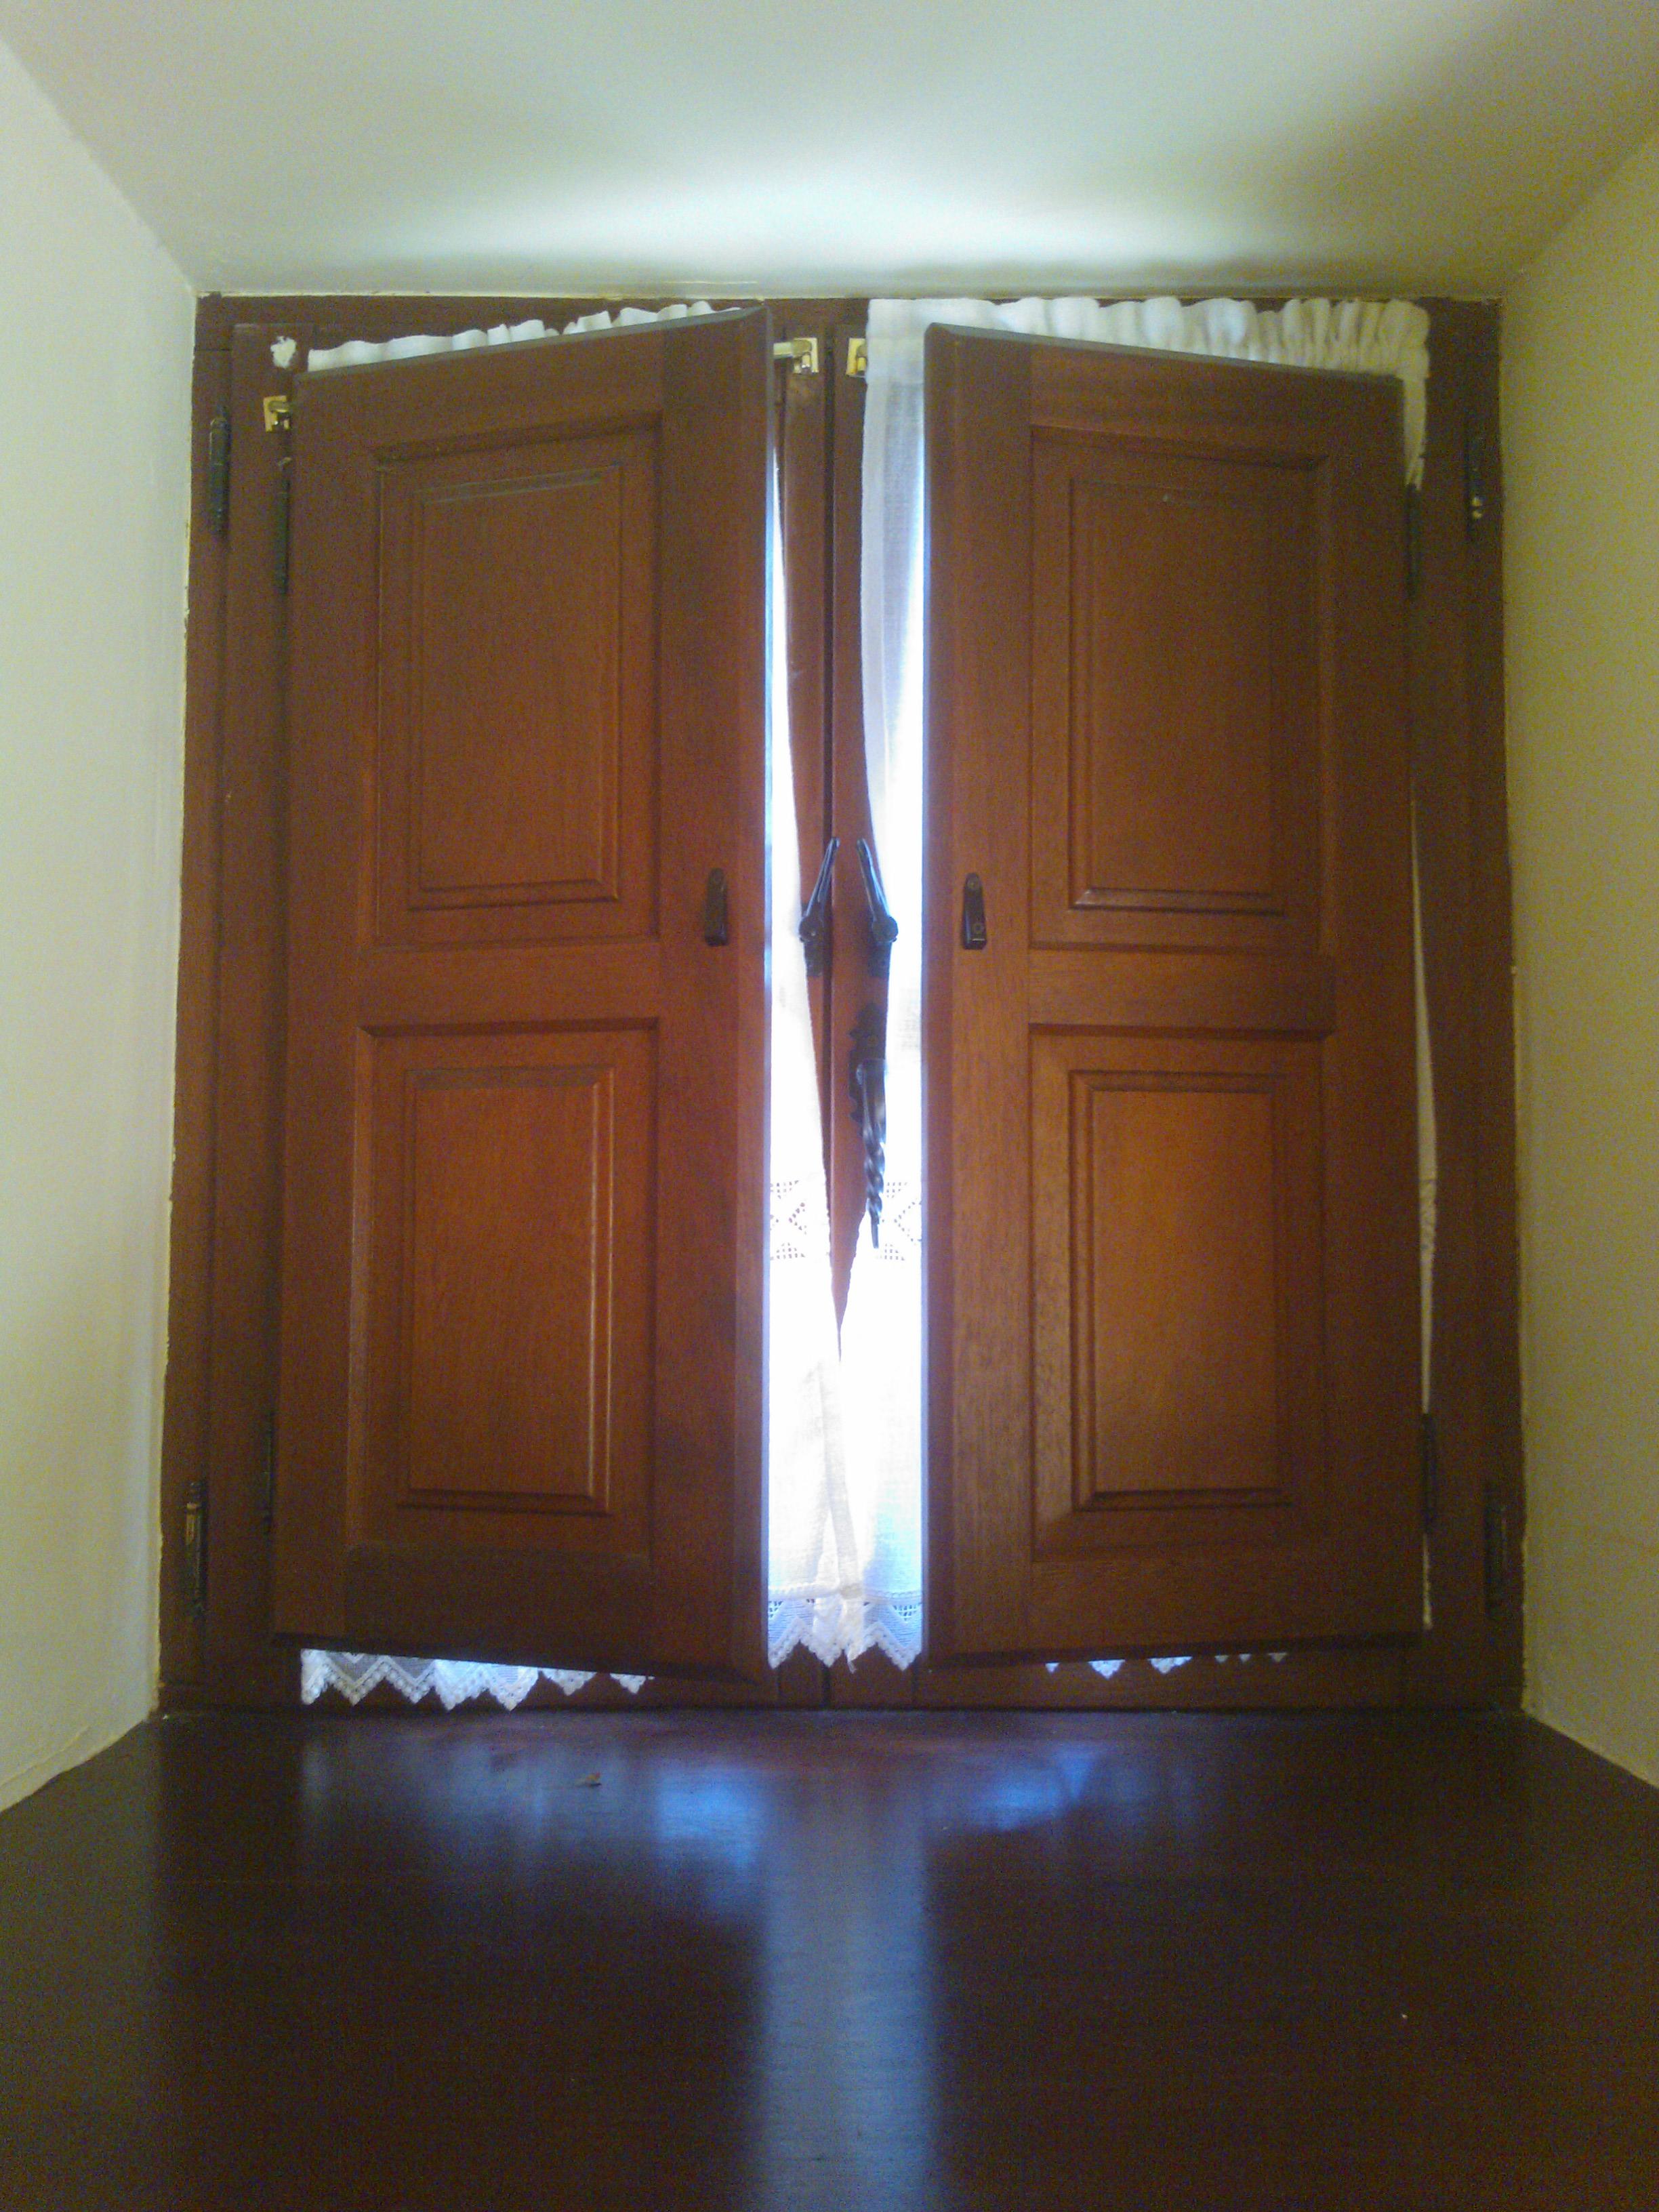 Carpinteria Muebles a Medida Armario Empotrado Escalera Puerta Cocina Ventanas Lacados Barnizados